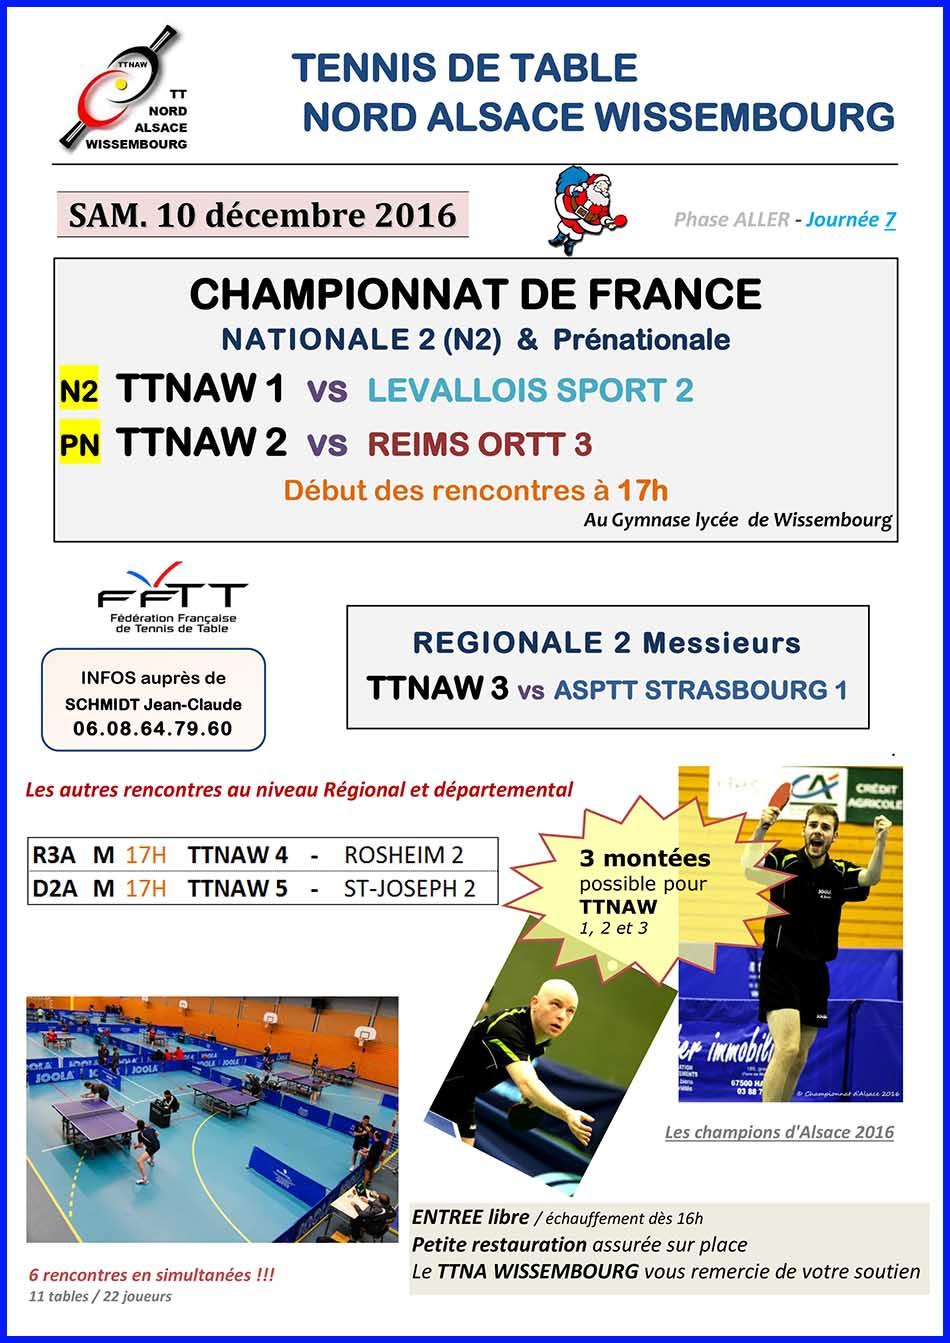 Tennis de Table NORD ALSACE